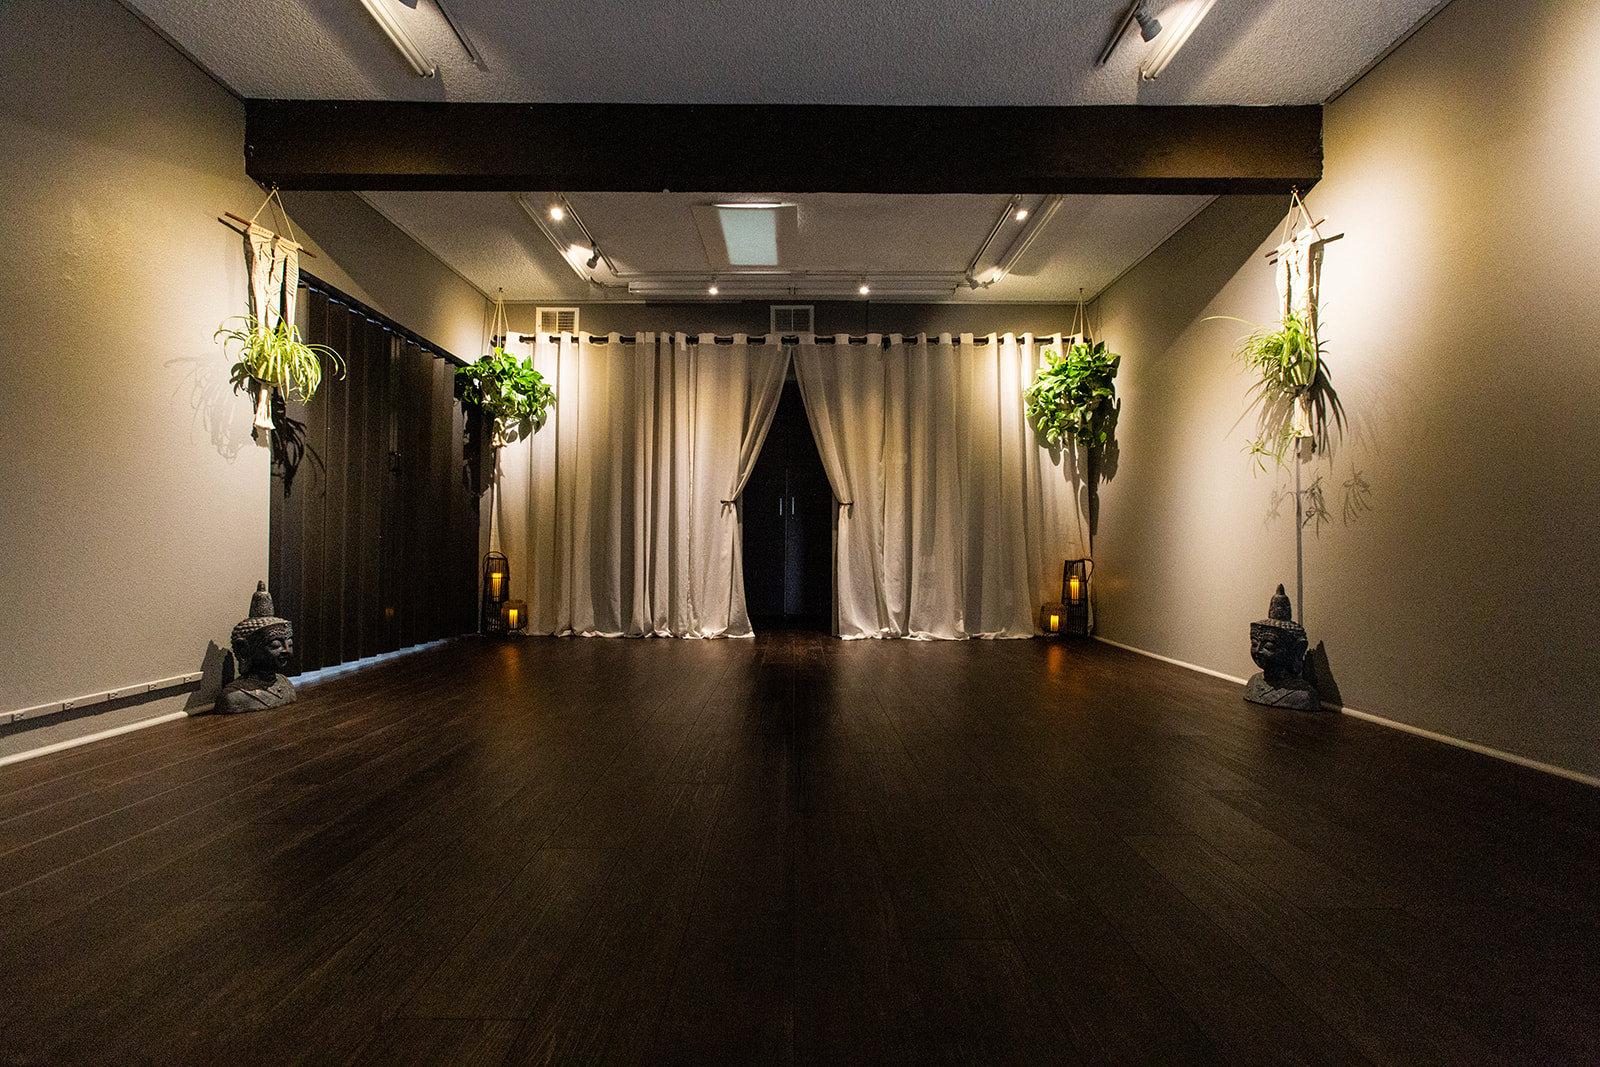 Moon Room Studio Rental Weekday per hour